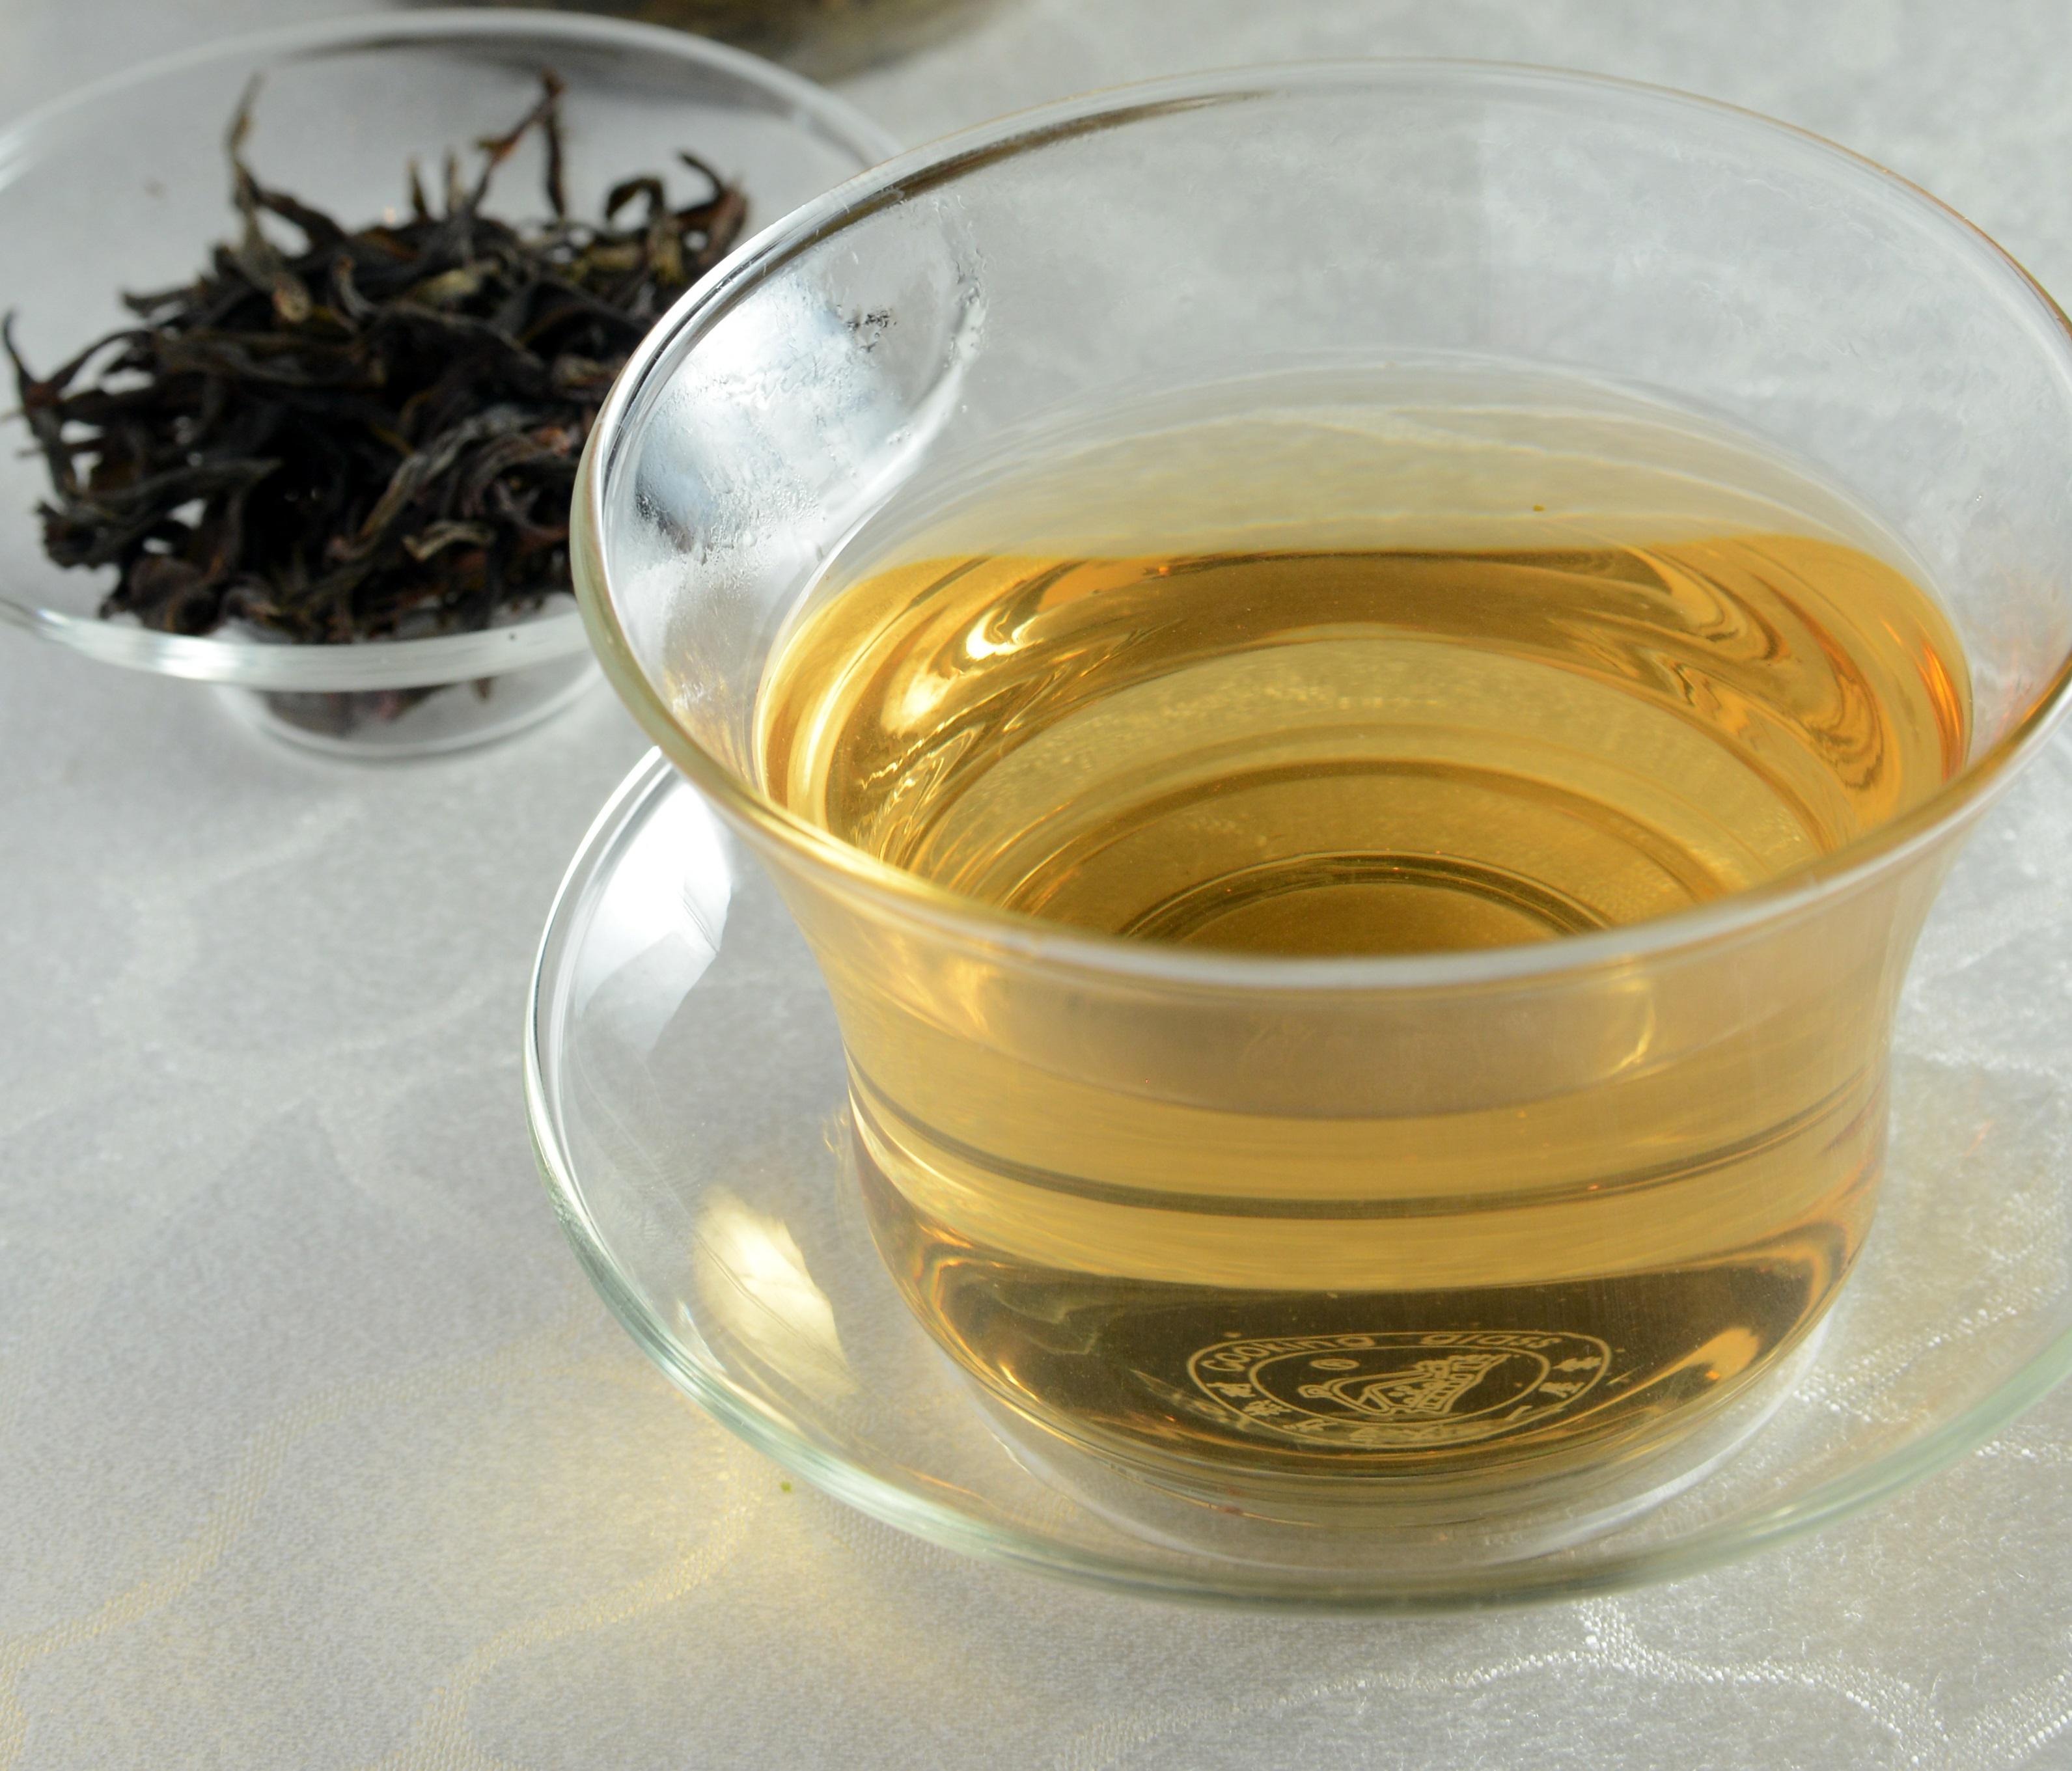 【健康Talk】饮茶好处多 一星期4次有助大脑健康